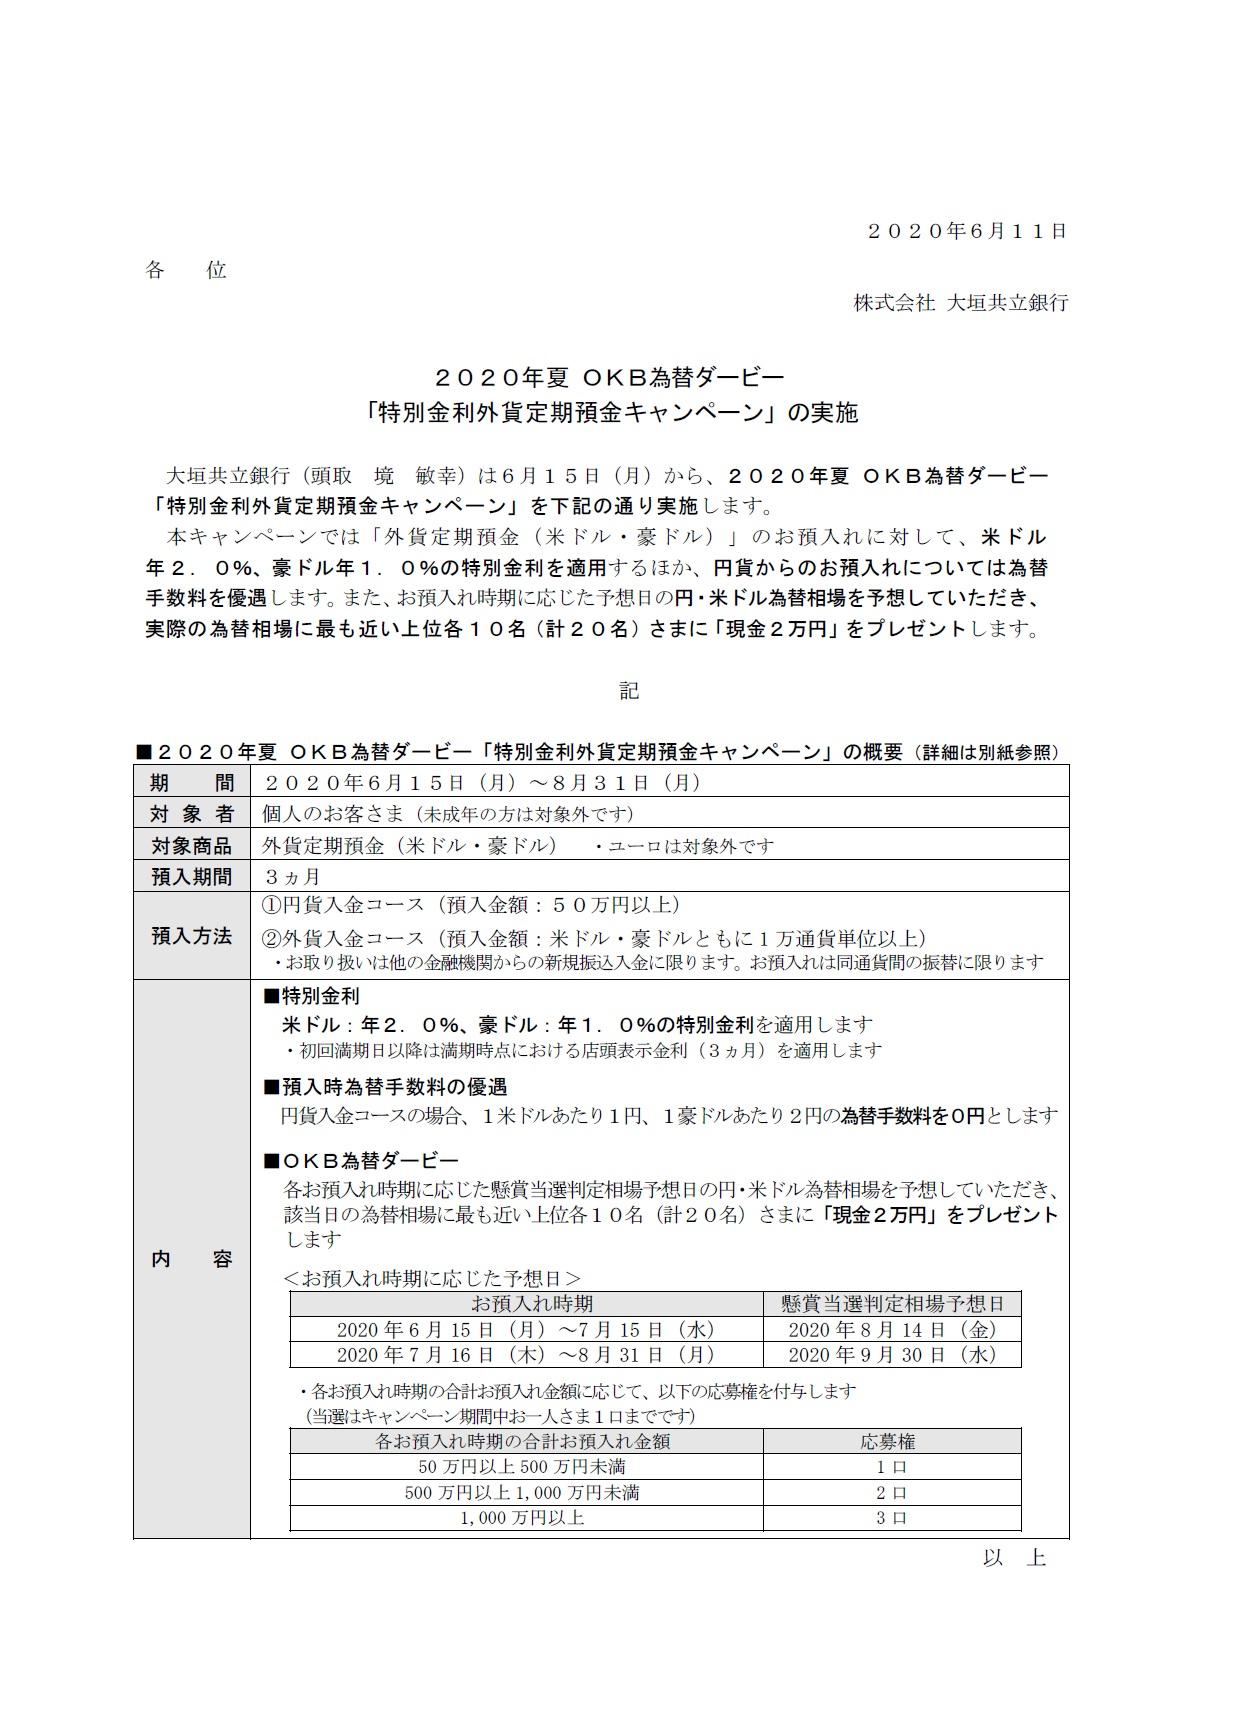 特別 金利 円 定期 キャンペーン 預金